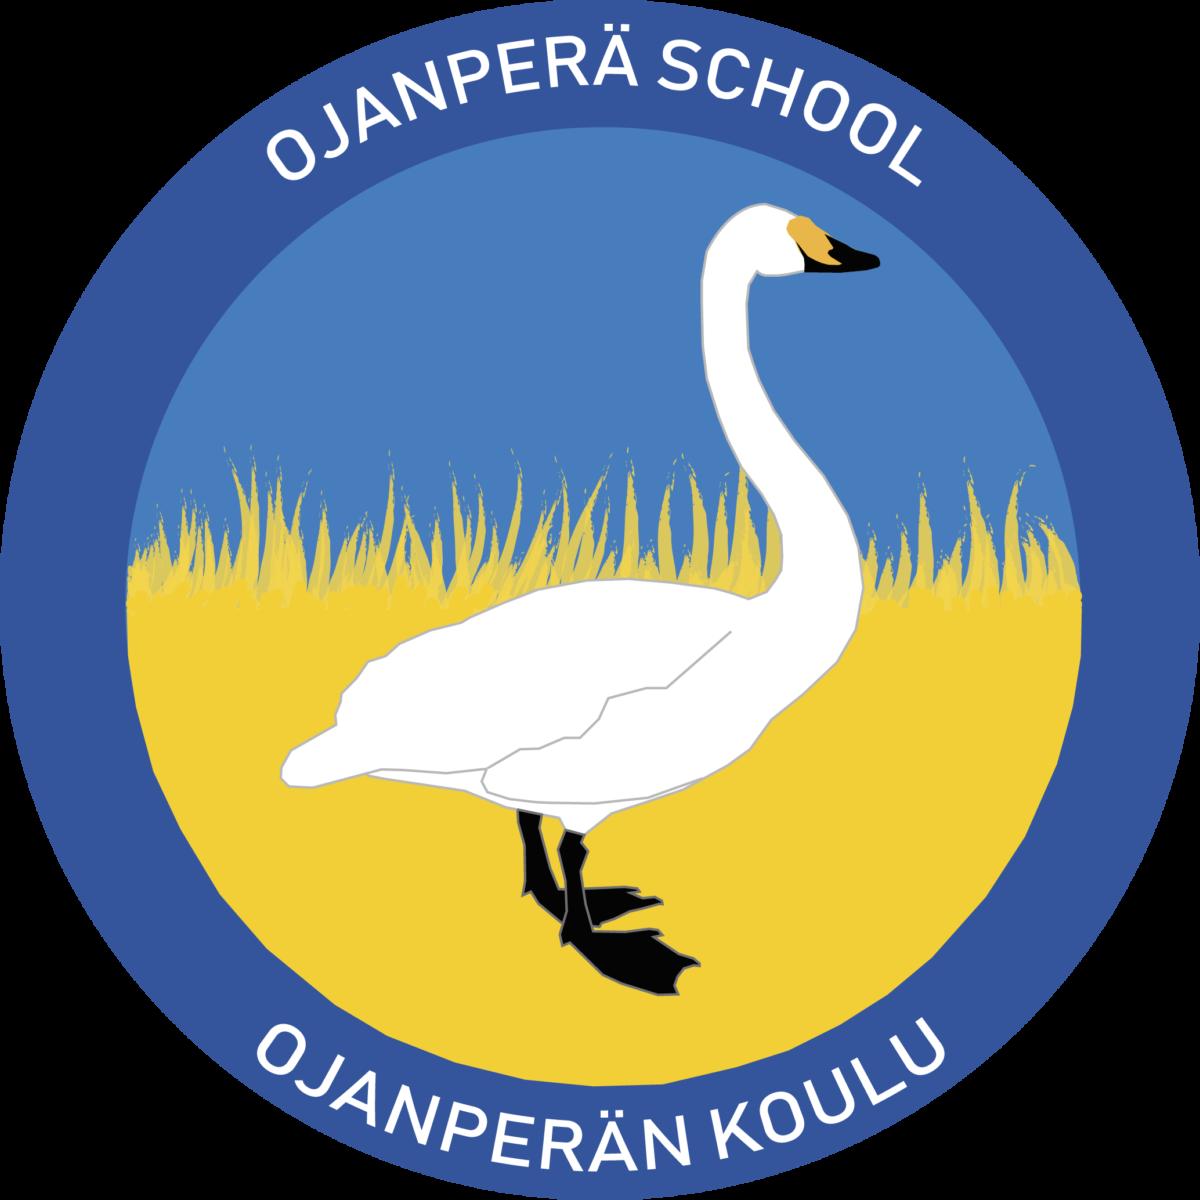 Ojanperän koulun logossa on joutsen